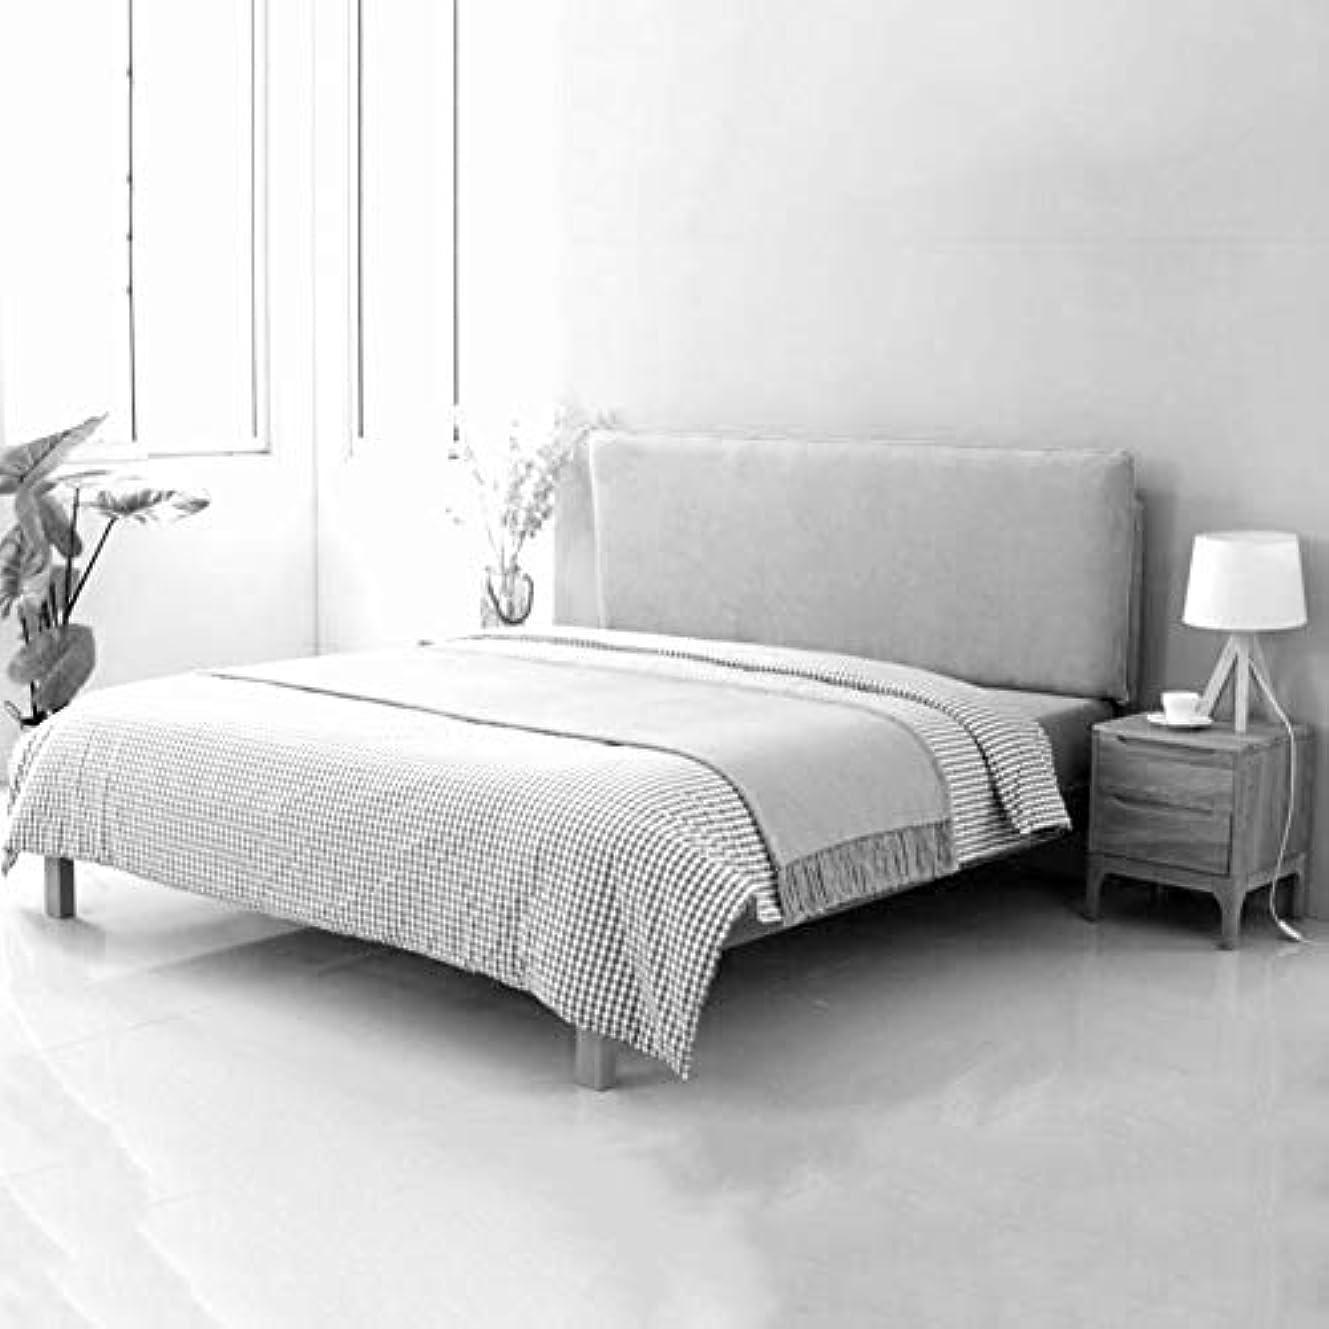 子豚背の高い出演者LIANGLIANG クションベッドの背もたれ ホームベッドルームダブルピープルエクストララッグバックサポートベッドの背もたれ洗える布、7色、4サイズ (色 : ベージュ, サイズ さいず : 123X66X10CM)